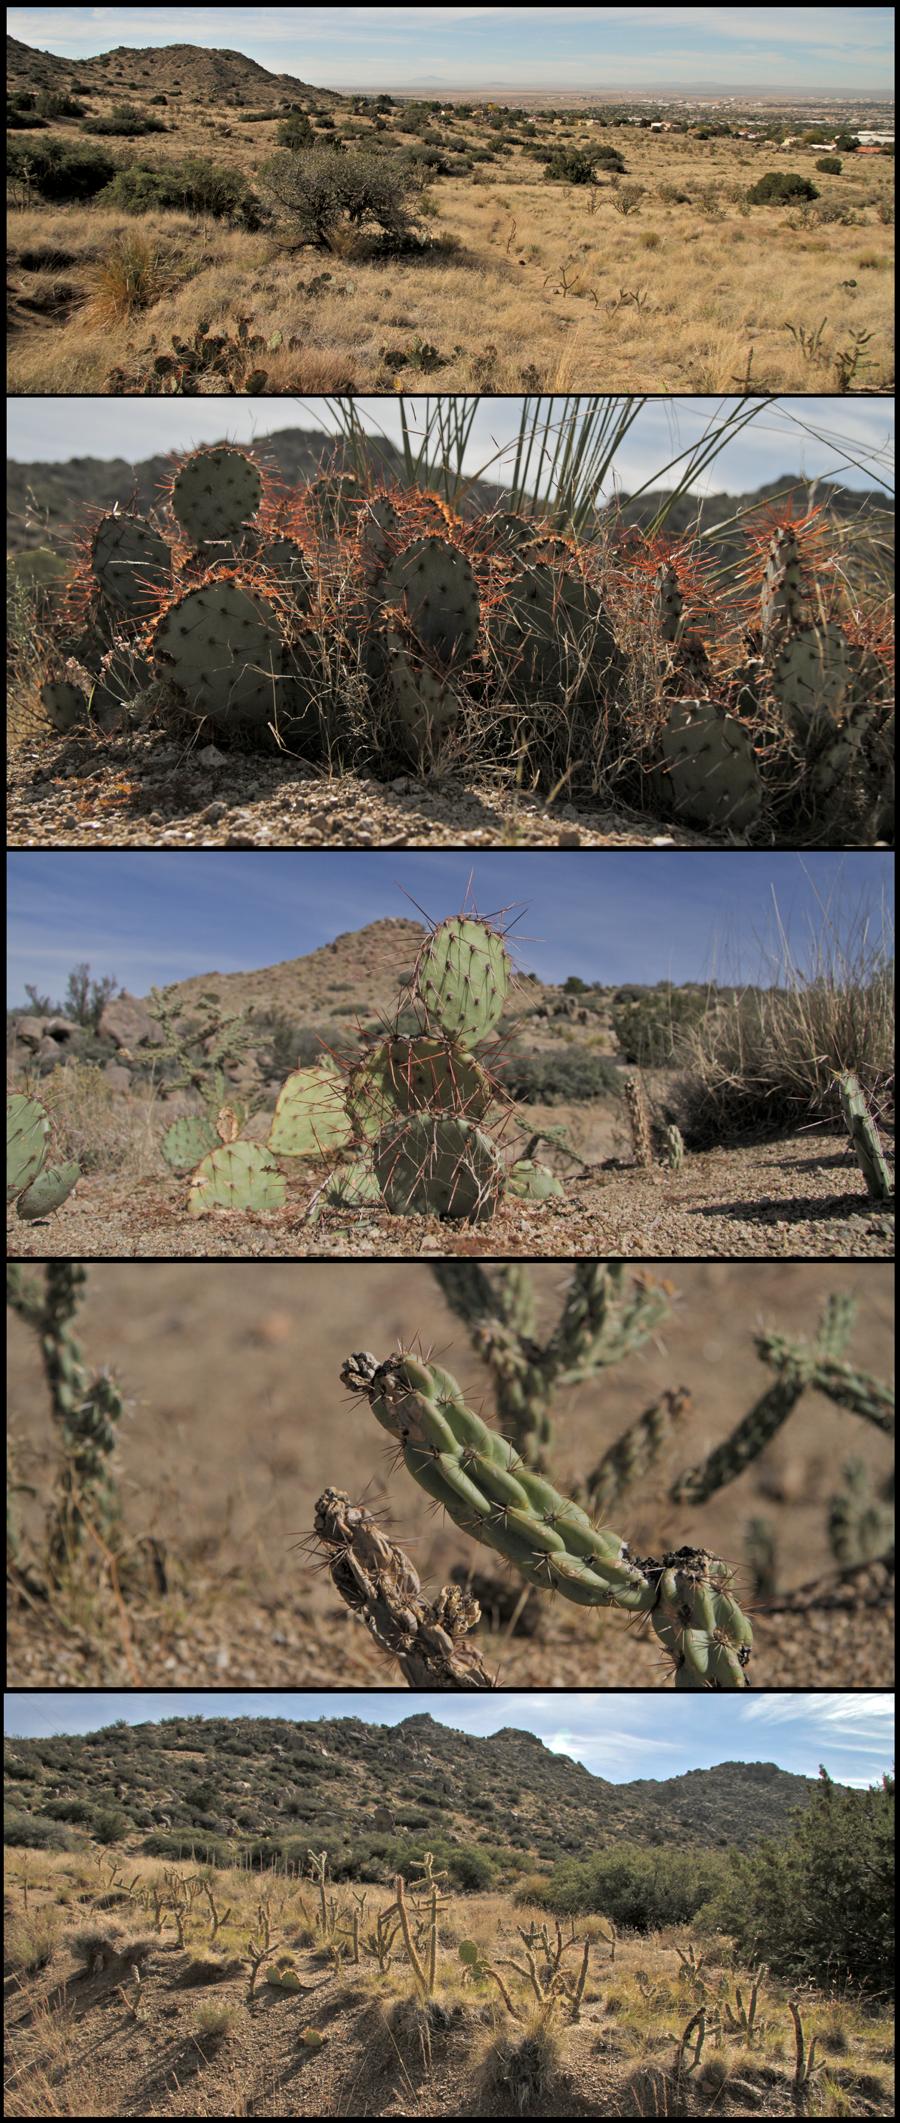 desert_small